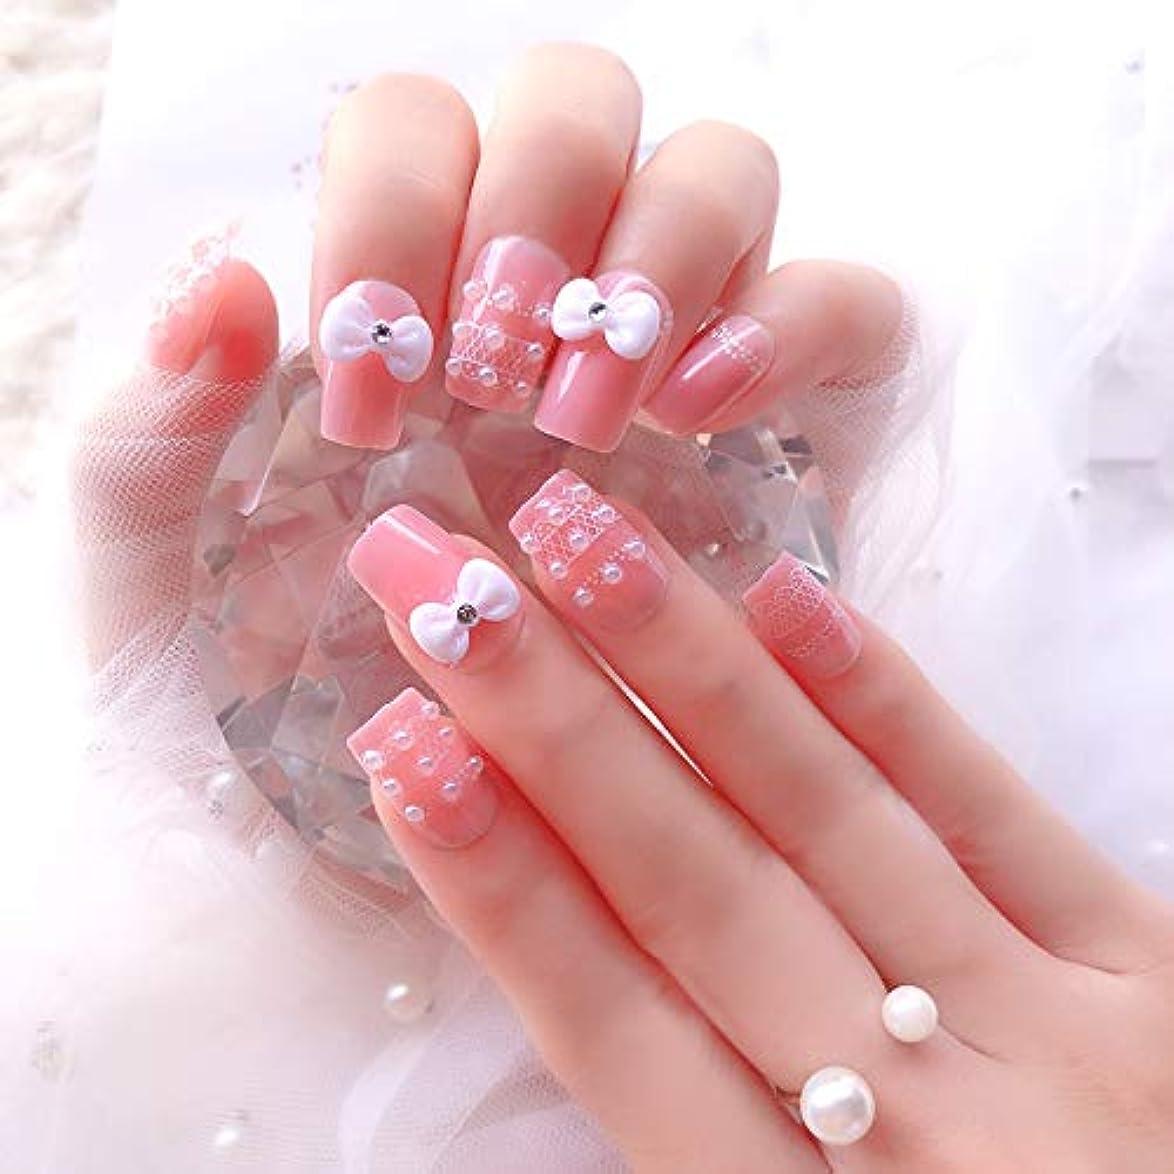 ネブ名詞ほかに花嫁ネイル 手作りネイルチップ 和装 ネイル 24枚入 結婚式、パーティー、二次会など 可愛い優雅ネイル 蝶の飾り付け (ピンク)